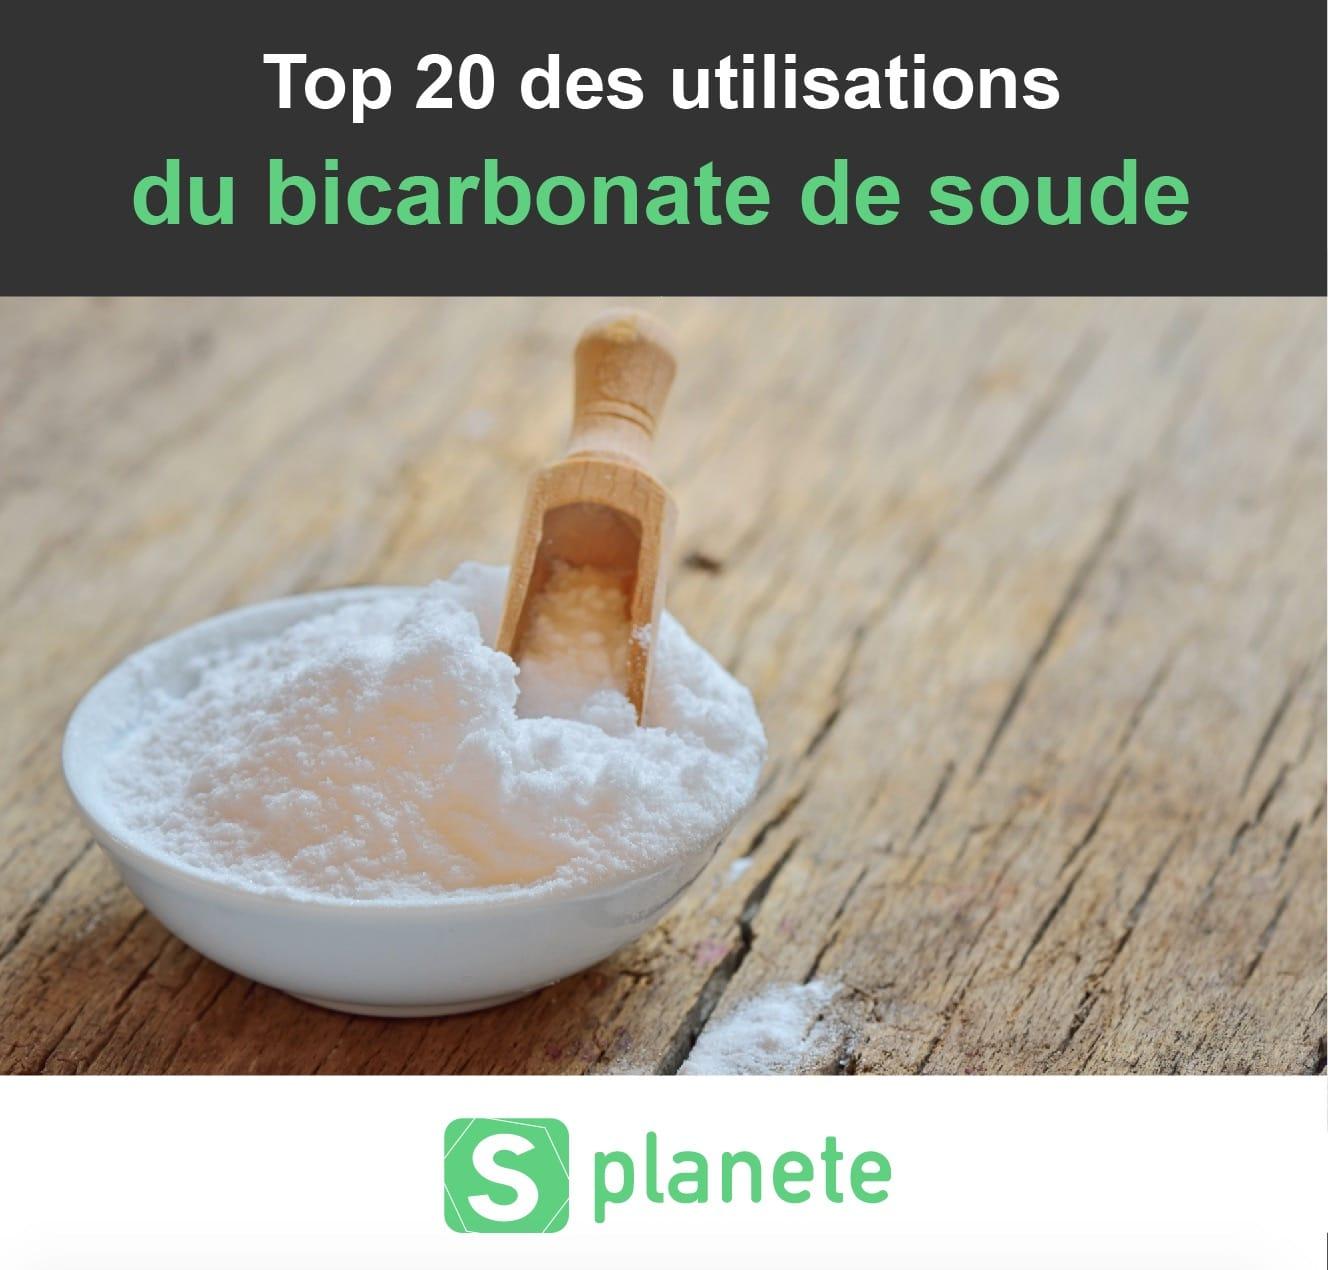 les utilisations du bicarbonate de soude